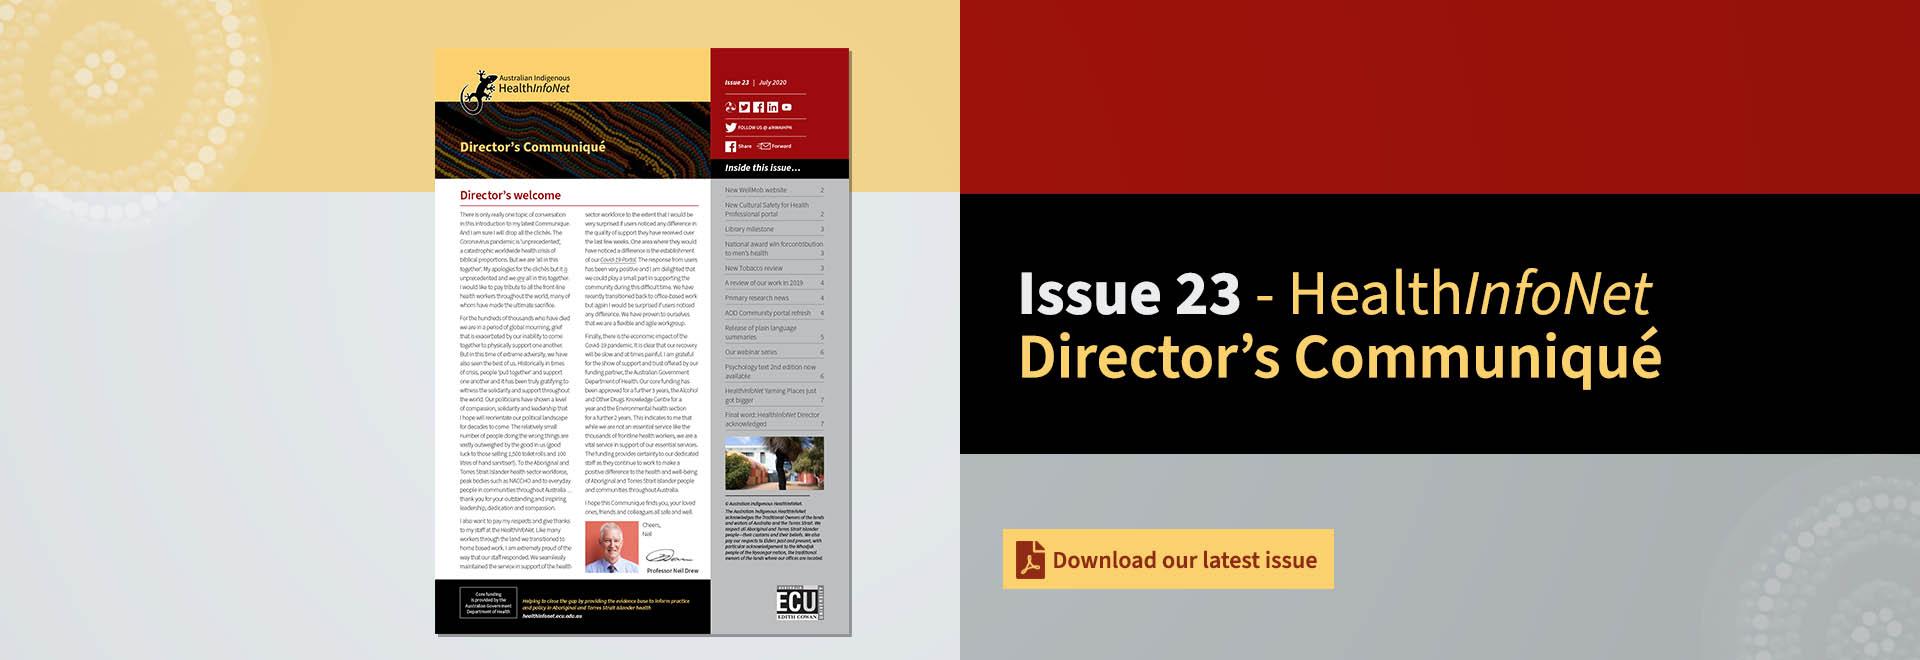 Communique - Issue 23